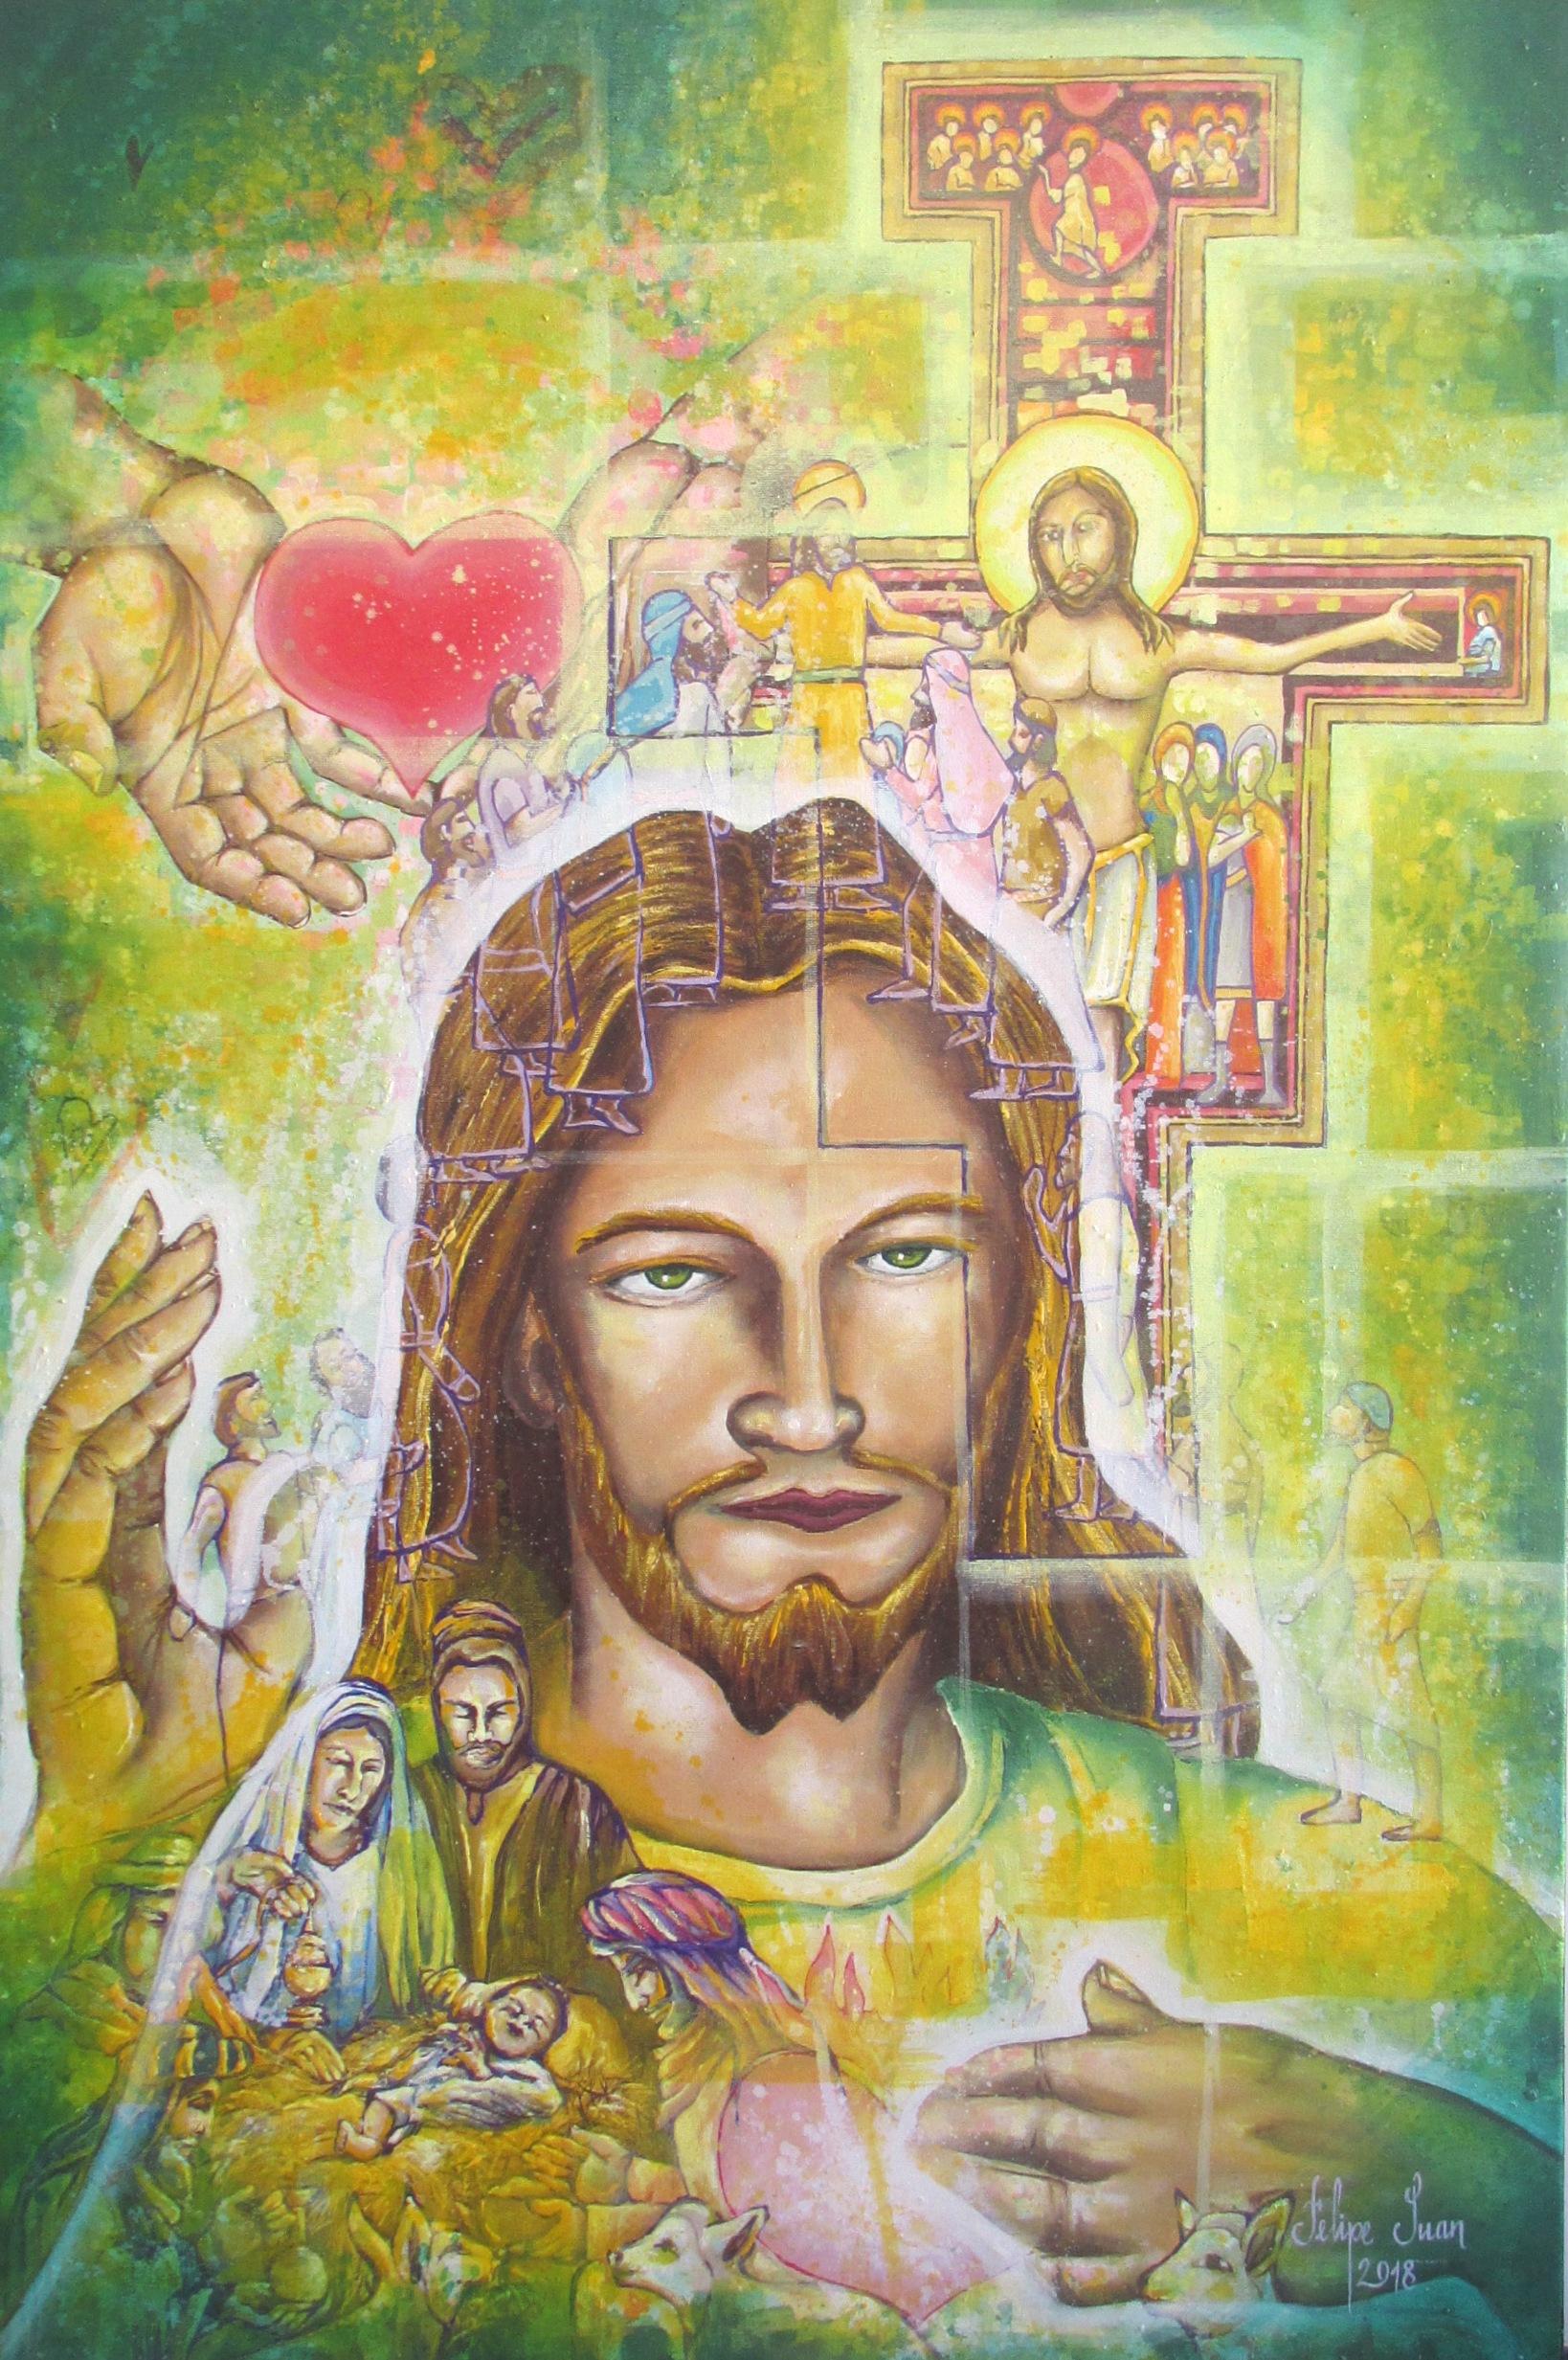 12. Jesucristo